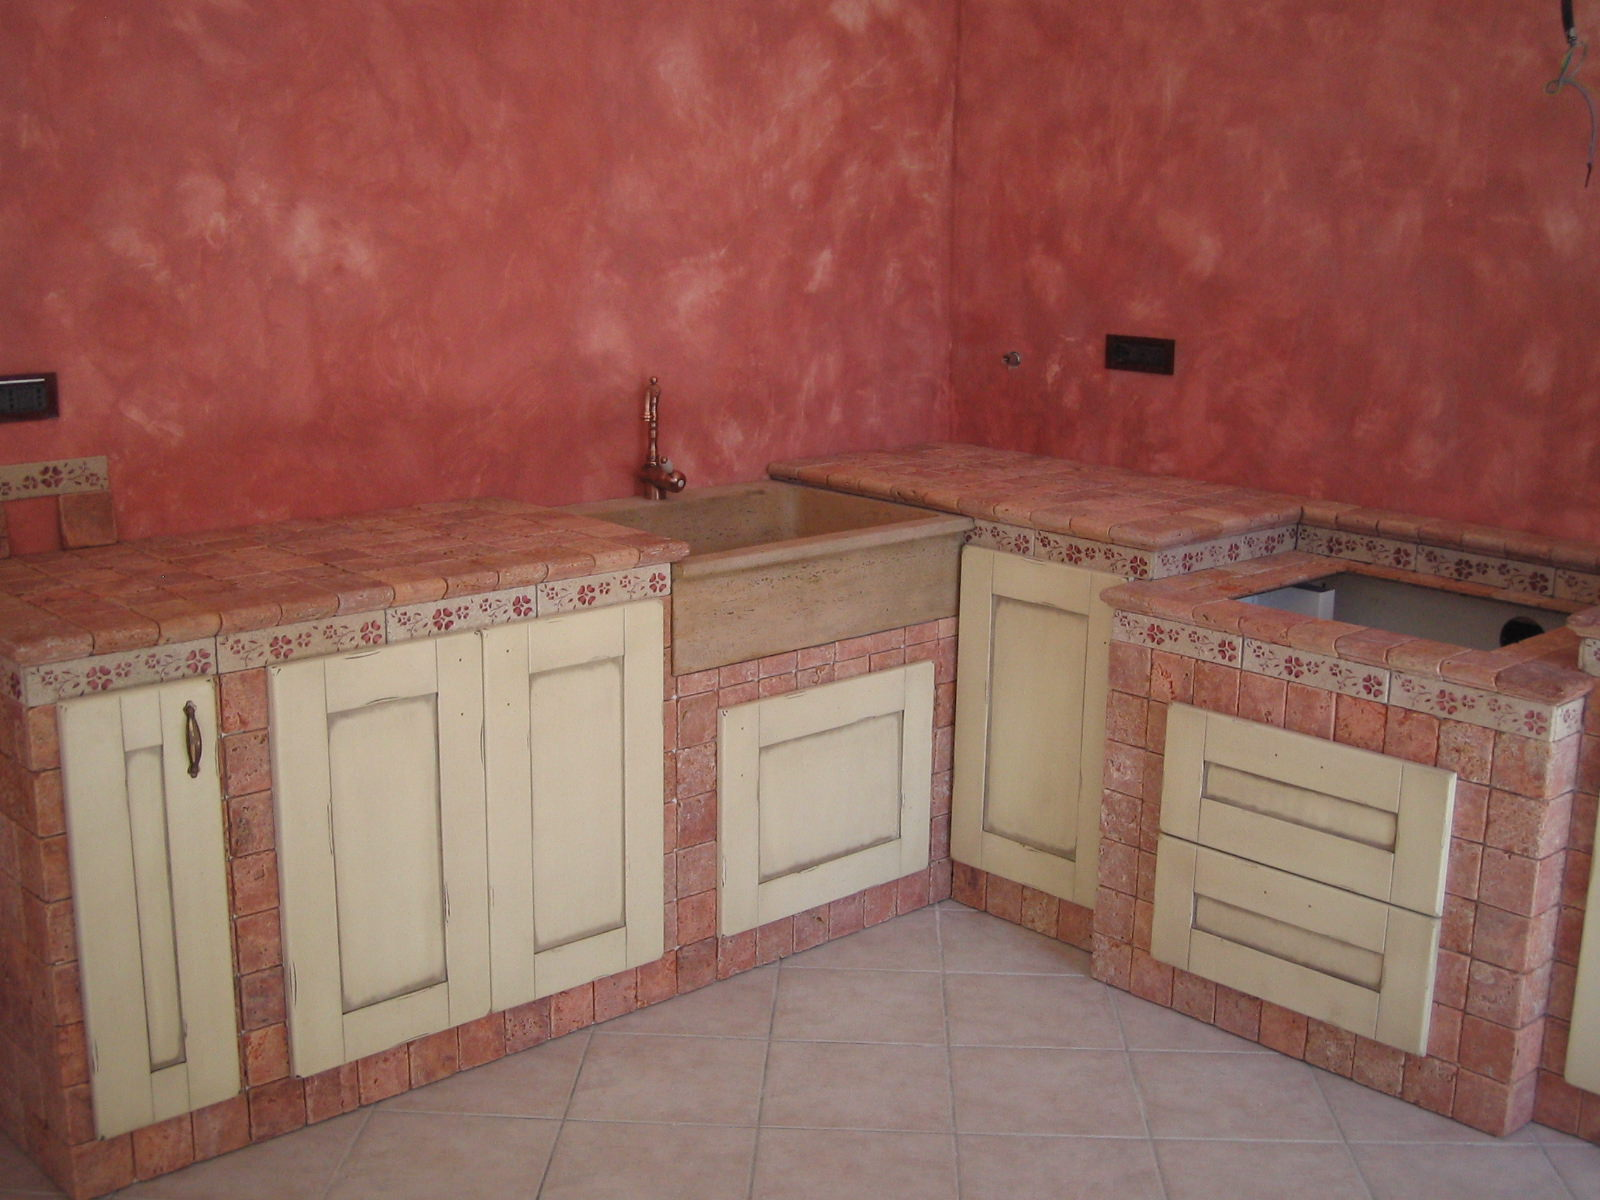 Esempi di cucine in muratura interesting cucina muratura - Cucine e cucine vado ligure ...